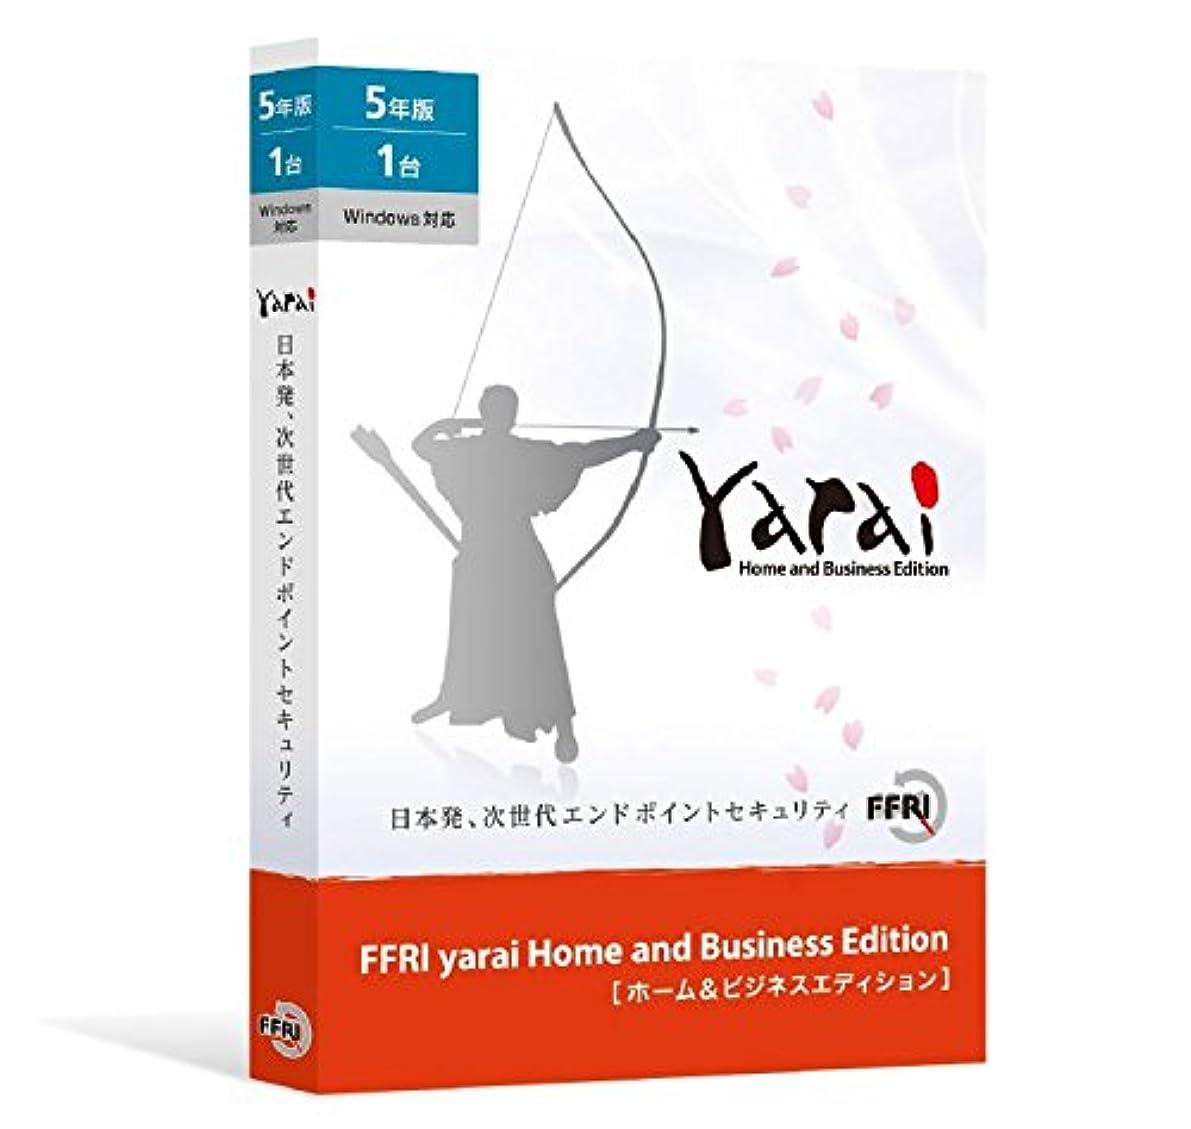 影響力のあるなめらか東方FFRI yarai Home and Business Edition Windows対応 (5年/1台版) パッケージ版